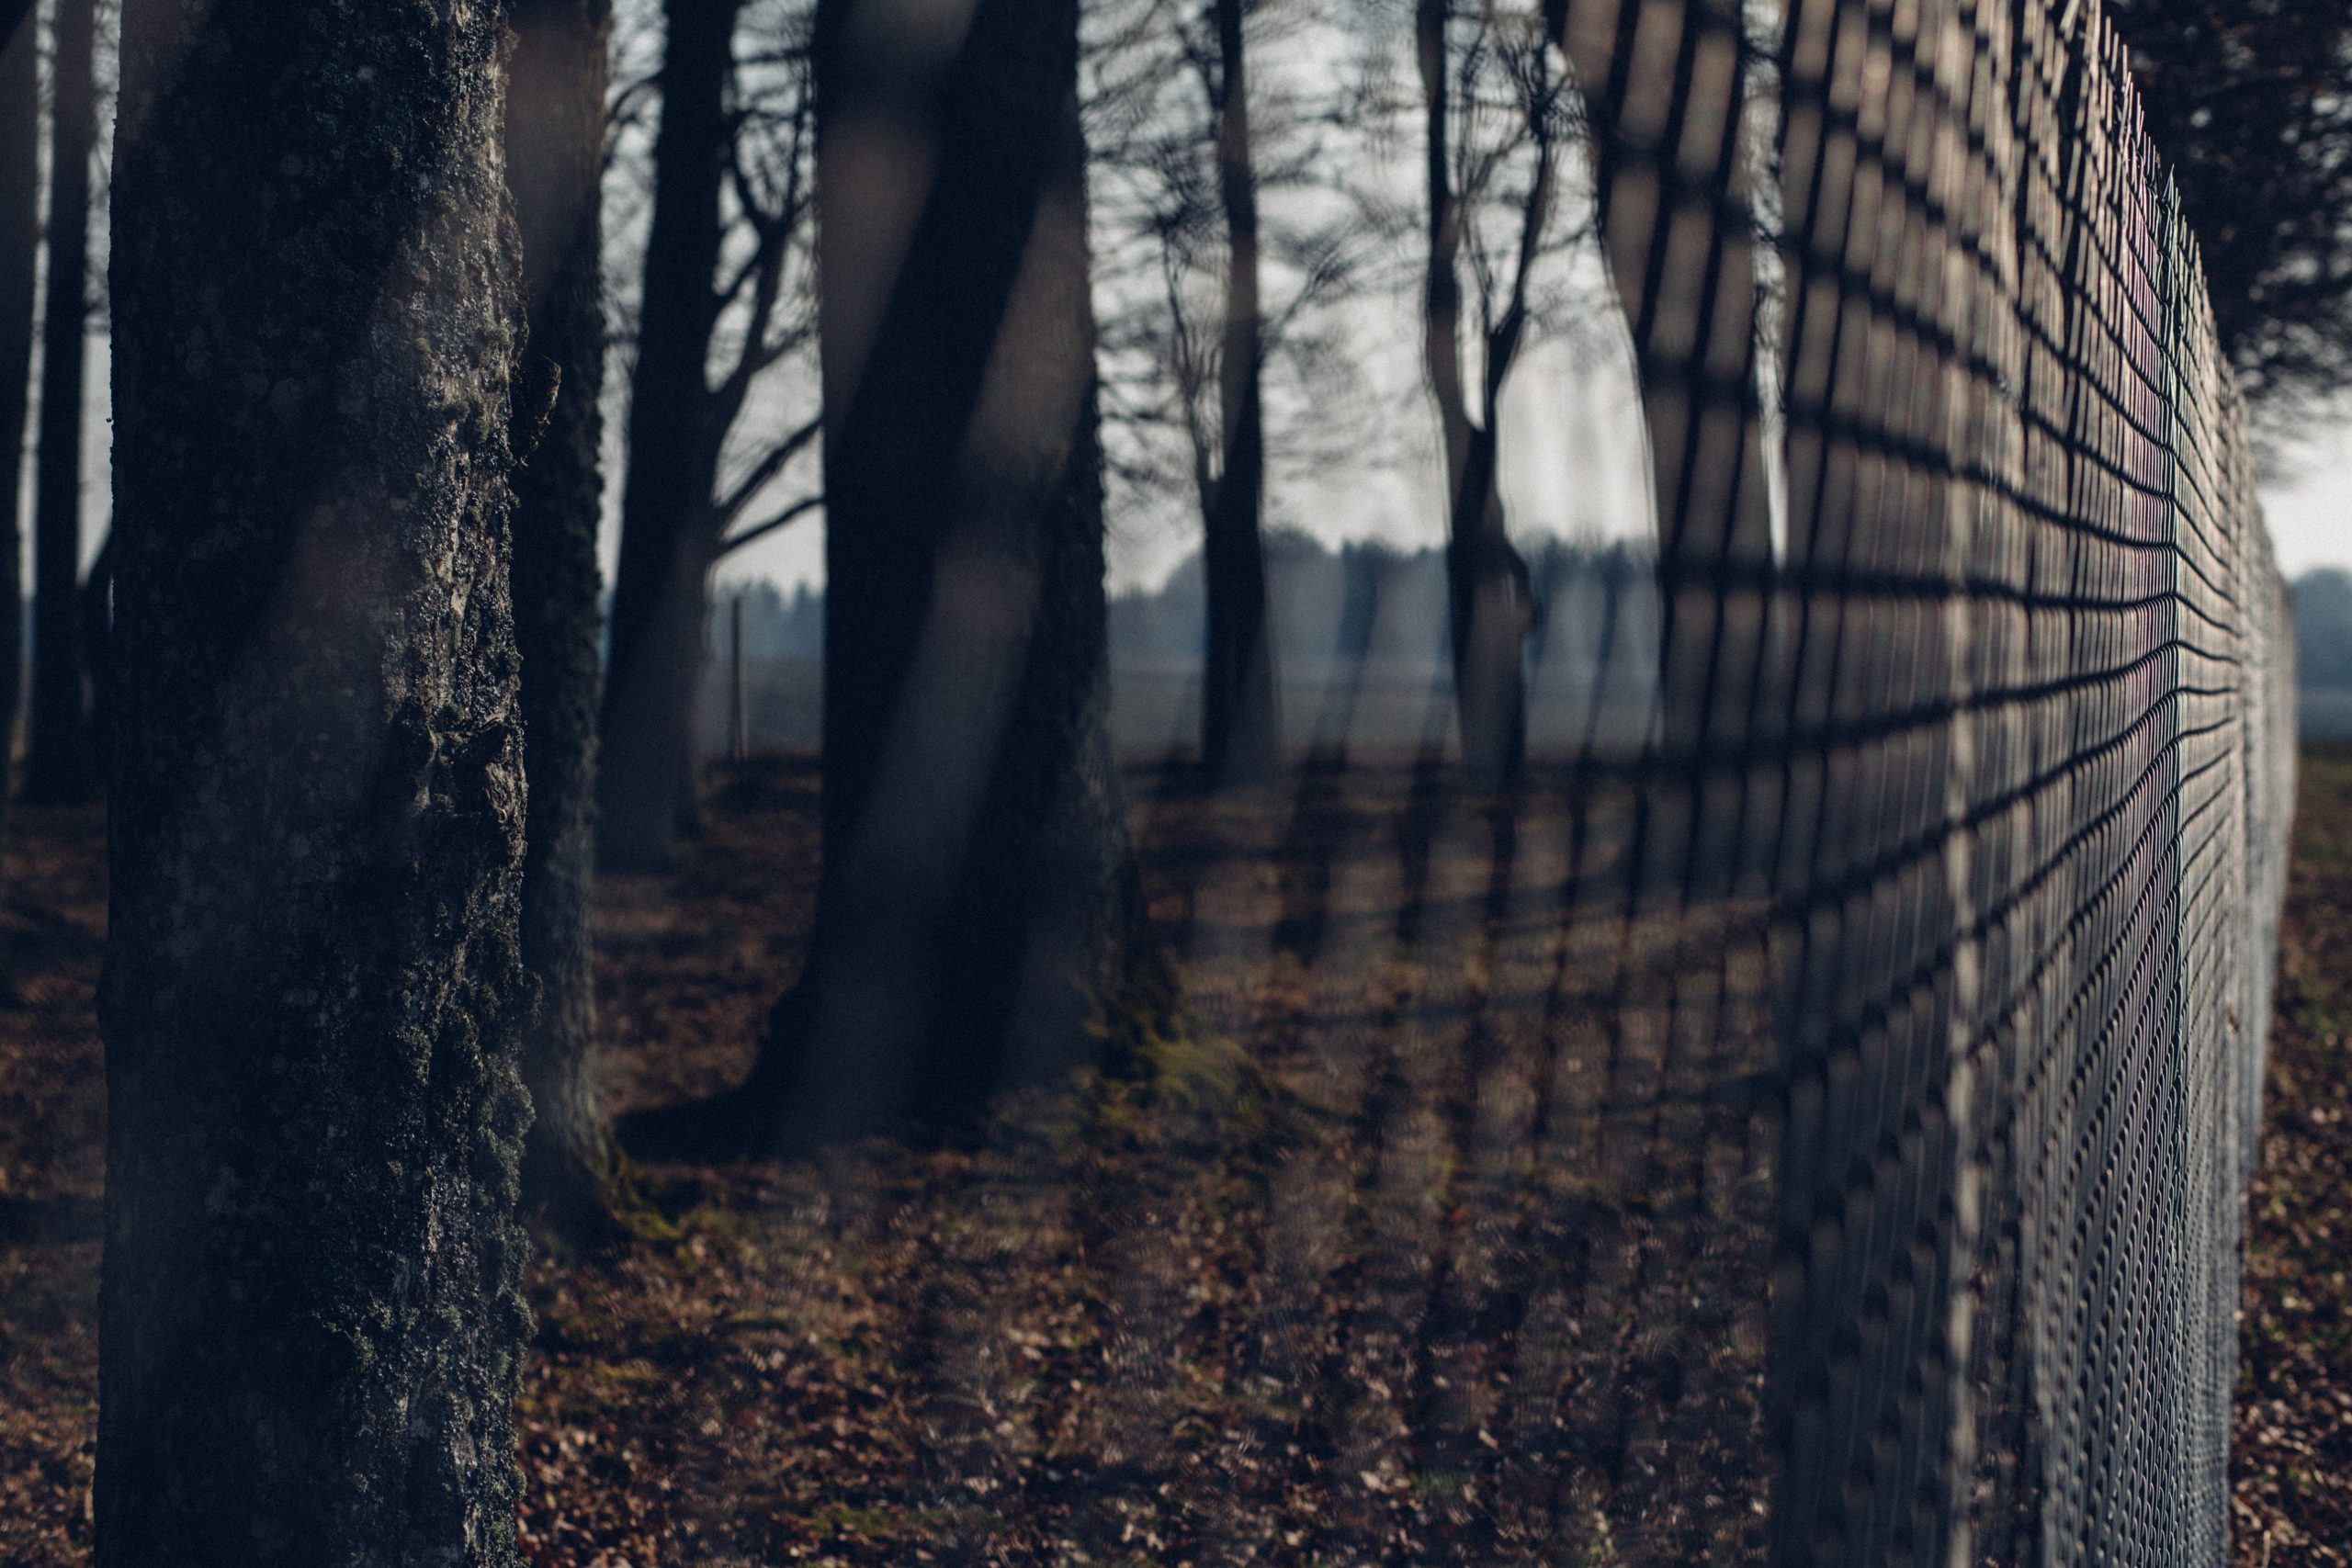 ogrodzenie w lesie - tereny zakażone